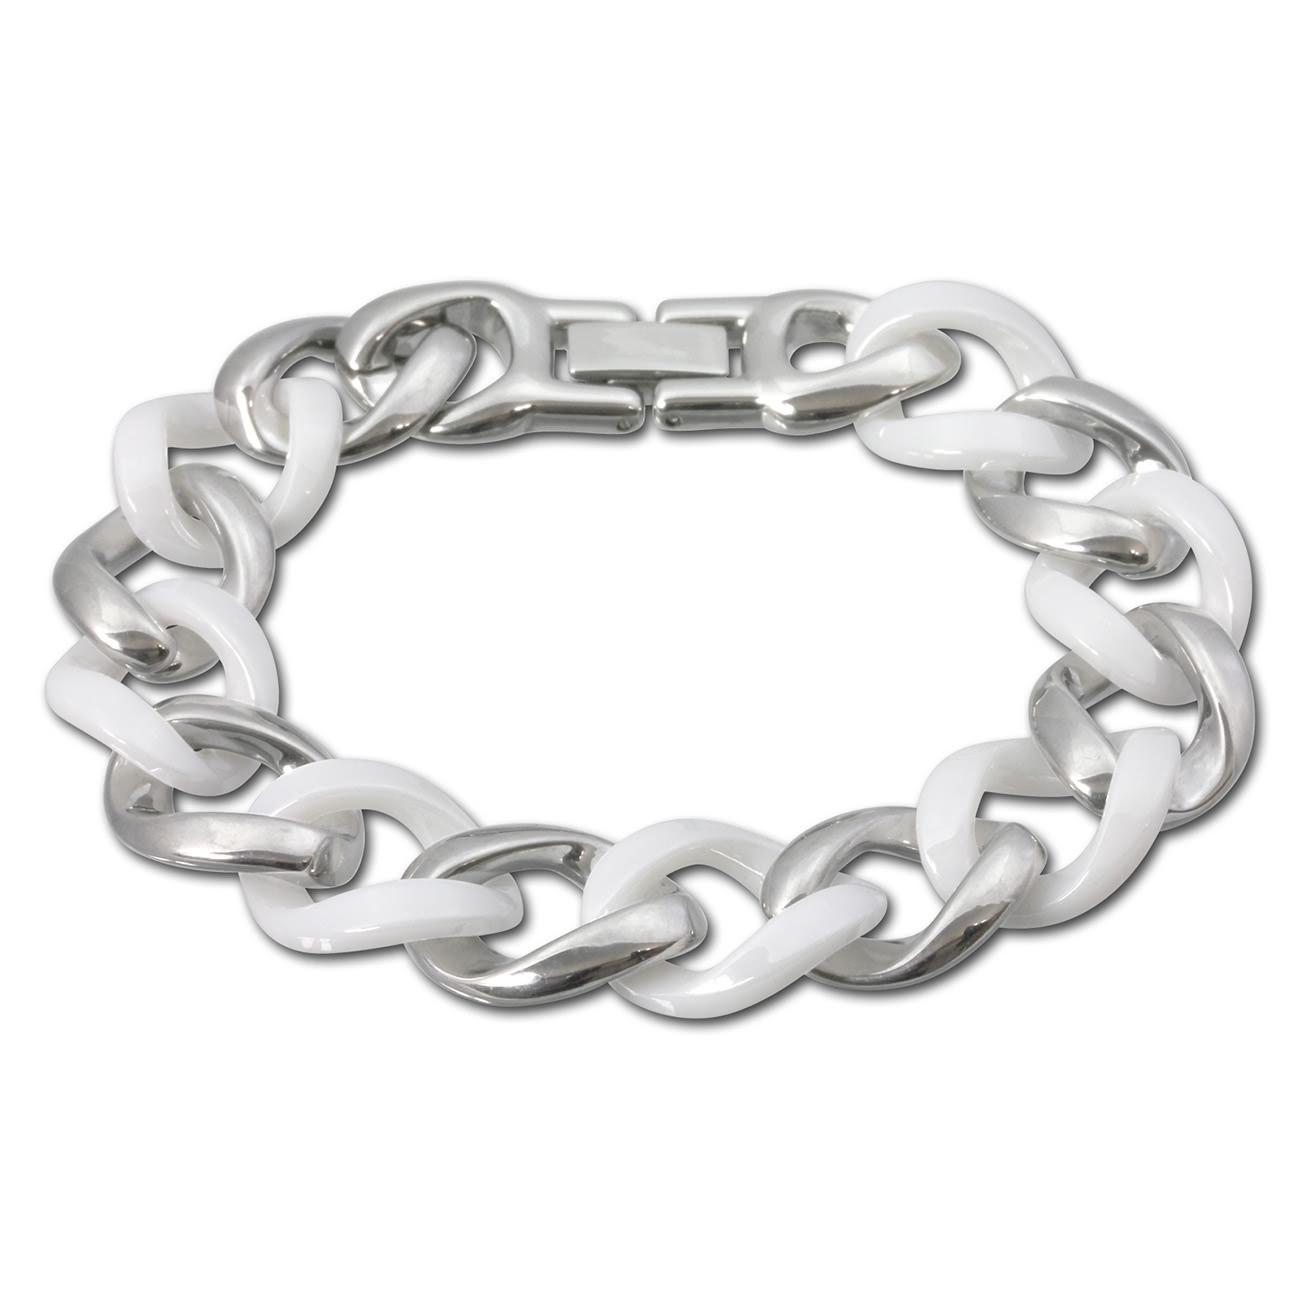 Modeschmuck Armbänder + weiß silber Armschmuck